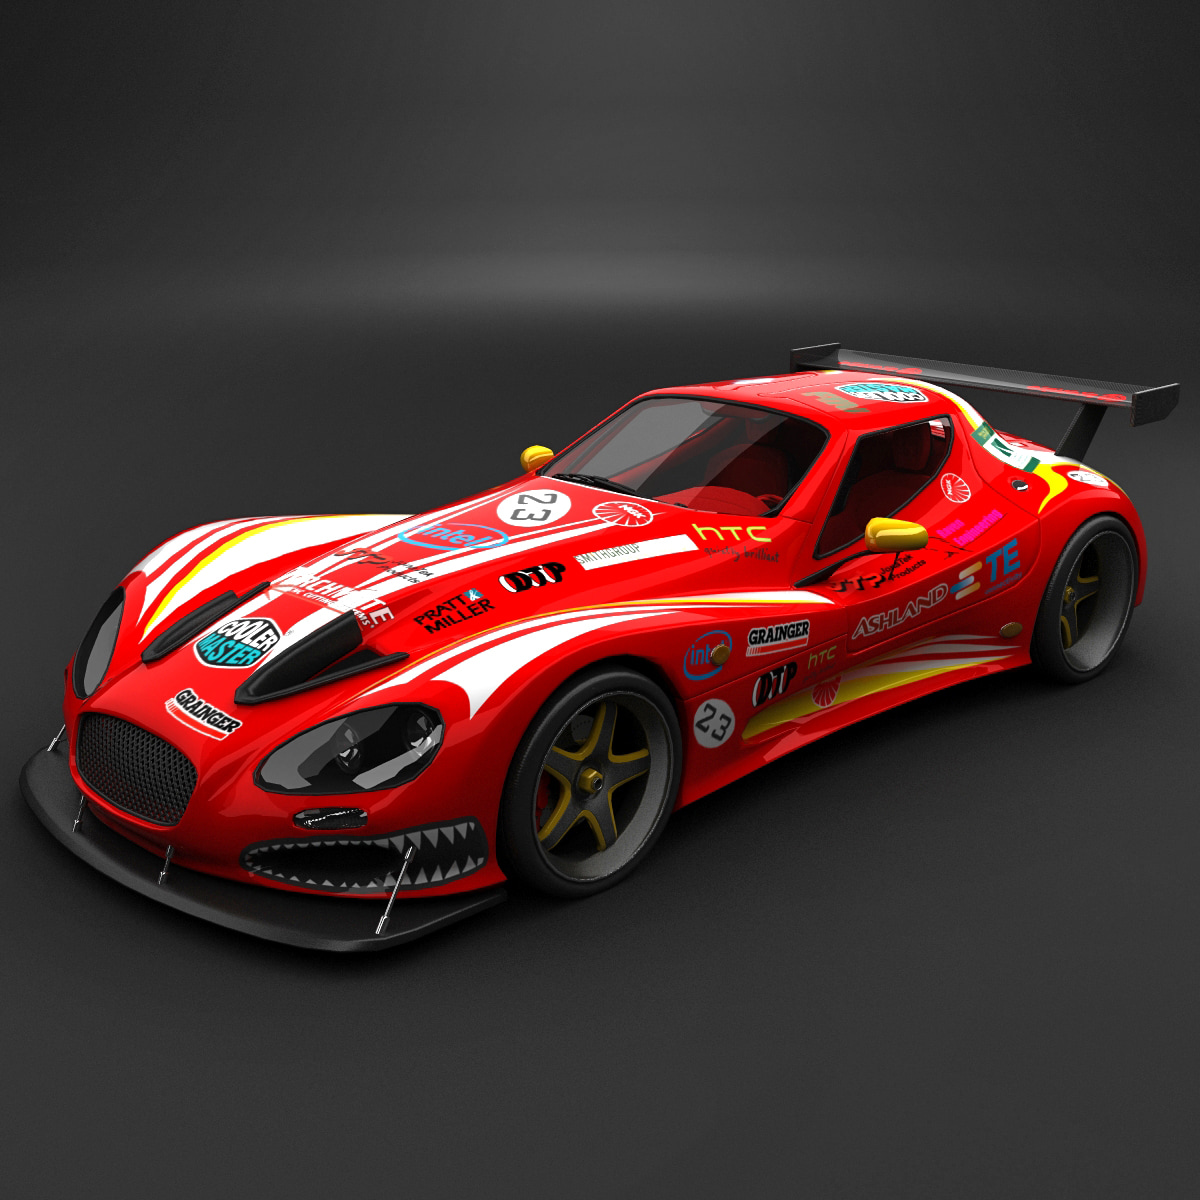 Race_Car_Gillet_Vertigo_01.jpg